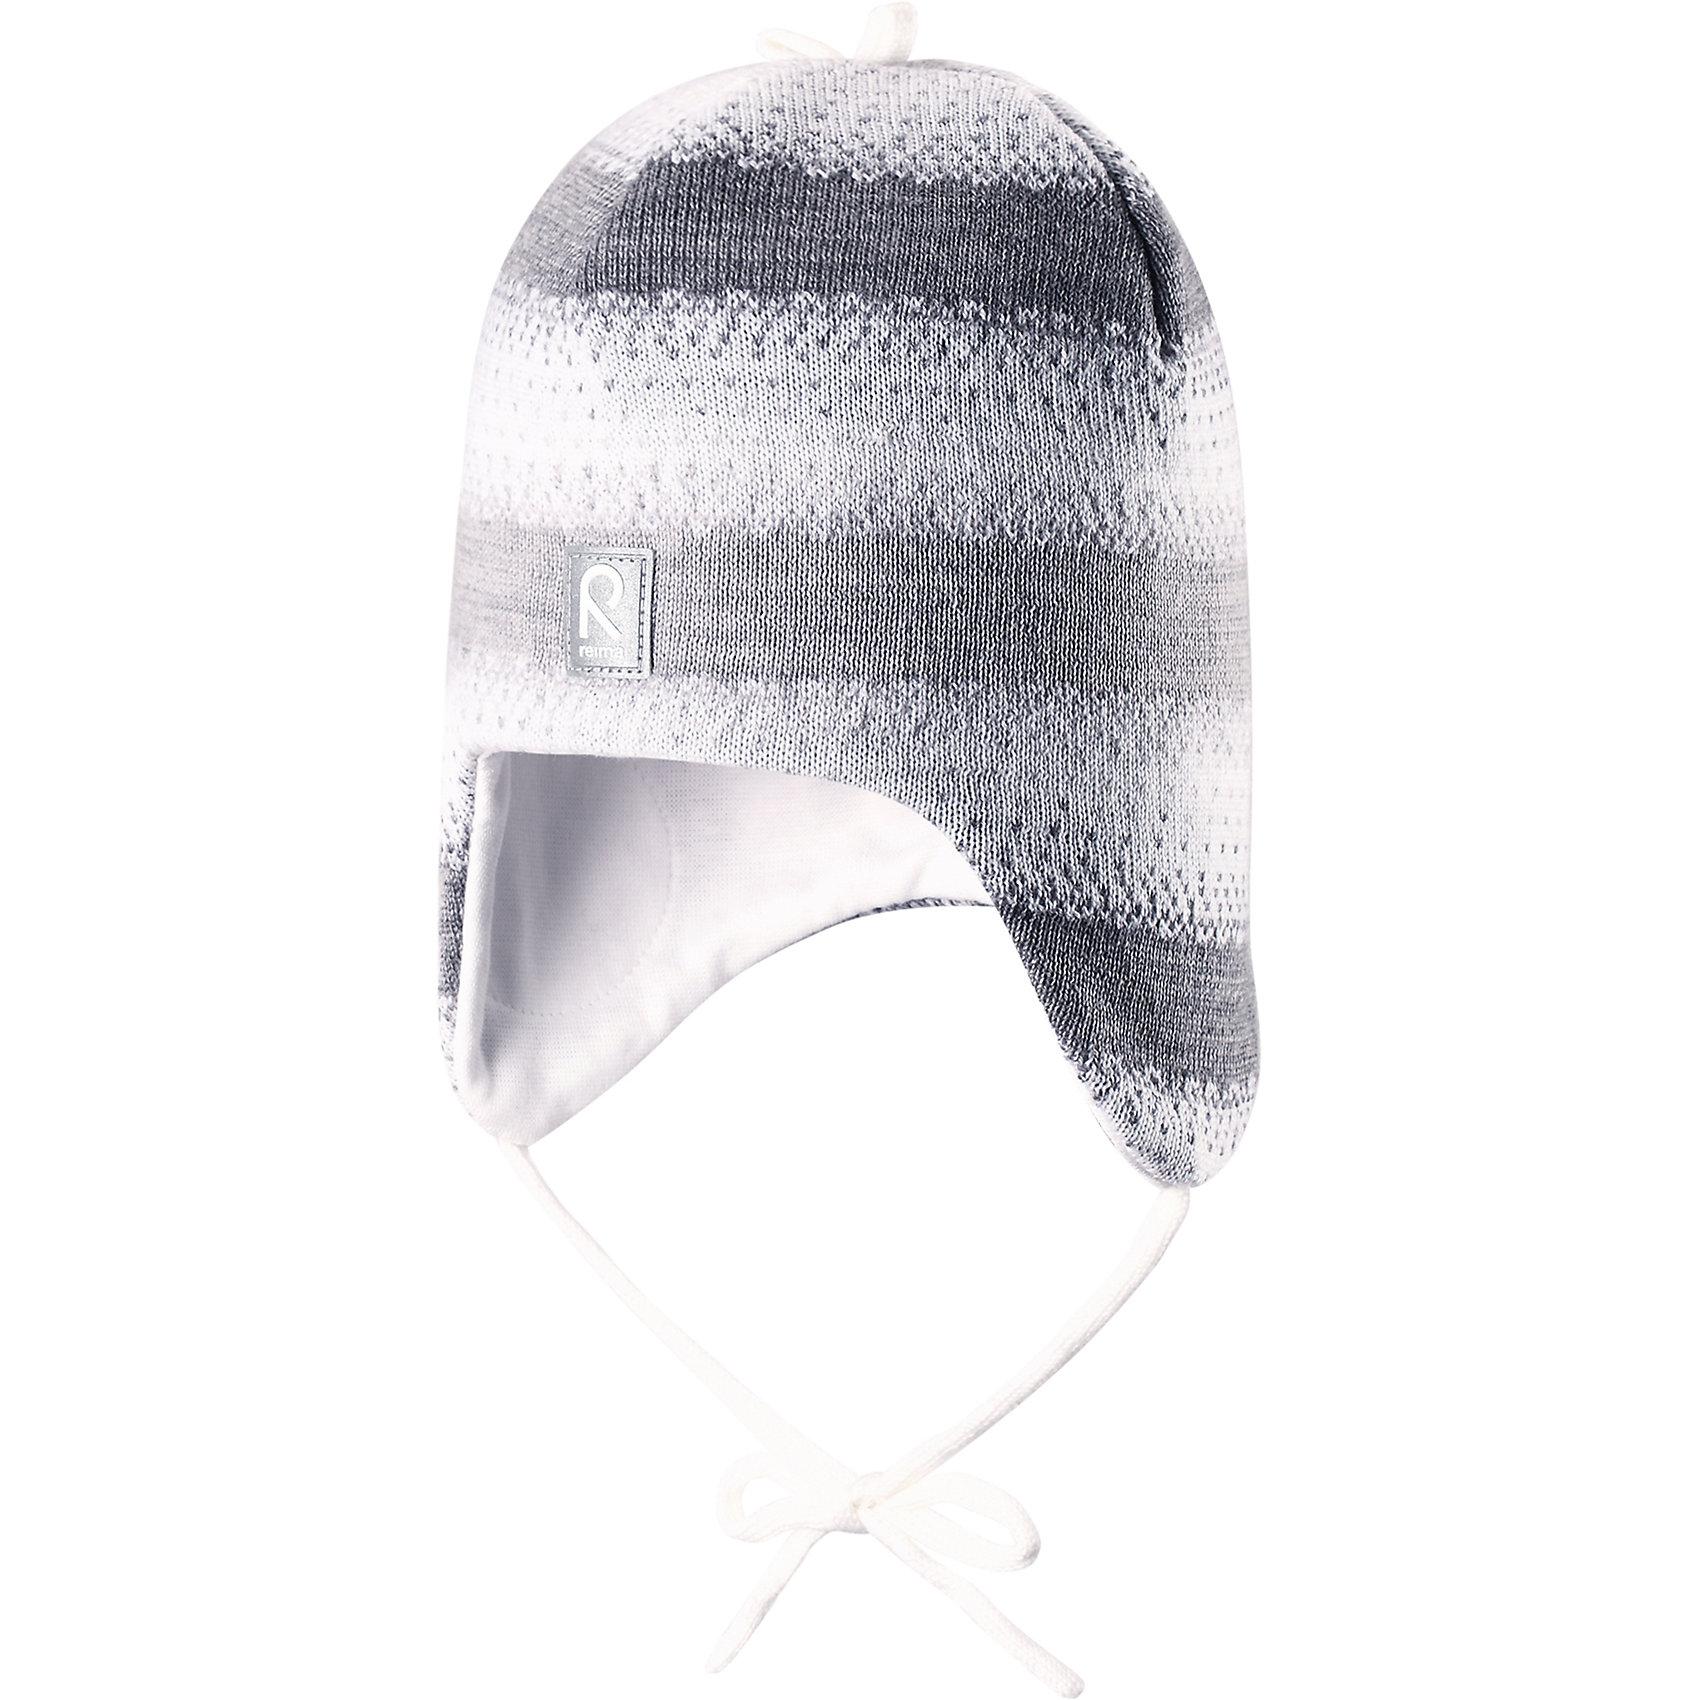 Шапка Pilvet для девочки ReimaШапки и шарфы<br>Шапка для девочки Reima<br>Шапка «Бини» для малышейМягкая ткань из мериносовой шерсти для поддержания идеальной температуры телаТеплая шерстяная вязка (волокно)Товар сертифицирован Oeko-Tex, класс 1, одежда для малышейВетронепроницаемые вставки в области ушейЛюбые размерыМягкая подкладка из хлопка и эластанаЛоготип Reima® спередиУзор из цветных полосДекоративные элементы сверхуСветоотражающий элемент спереди<br>Уход:<br>Стирать по отдельности, вывернув наизнанку. Придать первоначальную форму вo влажном виде. Возможна усадка 5 %.<br>Состав:<br>100% Шерсть<br><br>Ширина мм: 89<br>Глубина мм: 117<br>Высота мм: 44<br>Вес г: 155<br>Цвет: белый<br>Возраст от месяцев: 24<br>Возраст до месяцев: 60<br>Пол: Женский<br>Возраст: Детский<br>Размер: 52,46,48,50<br>SKU: 4777162